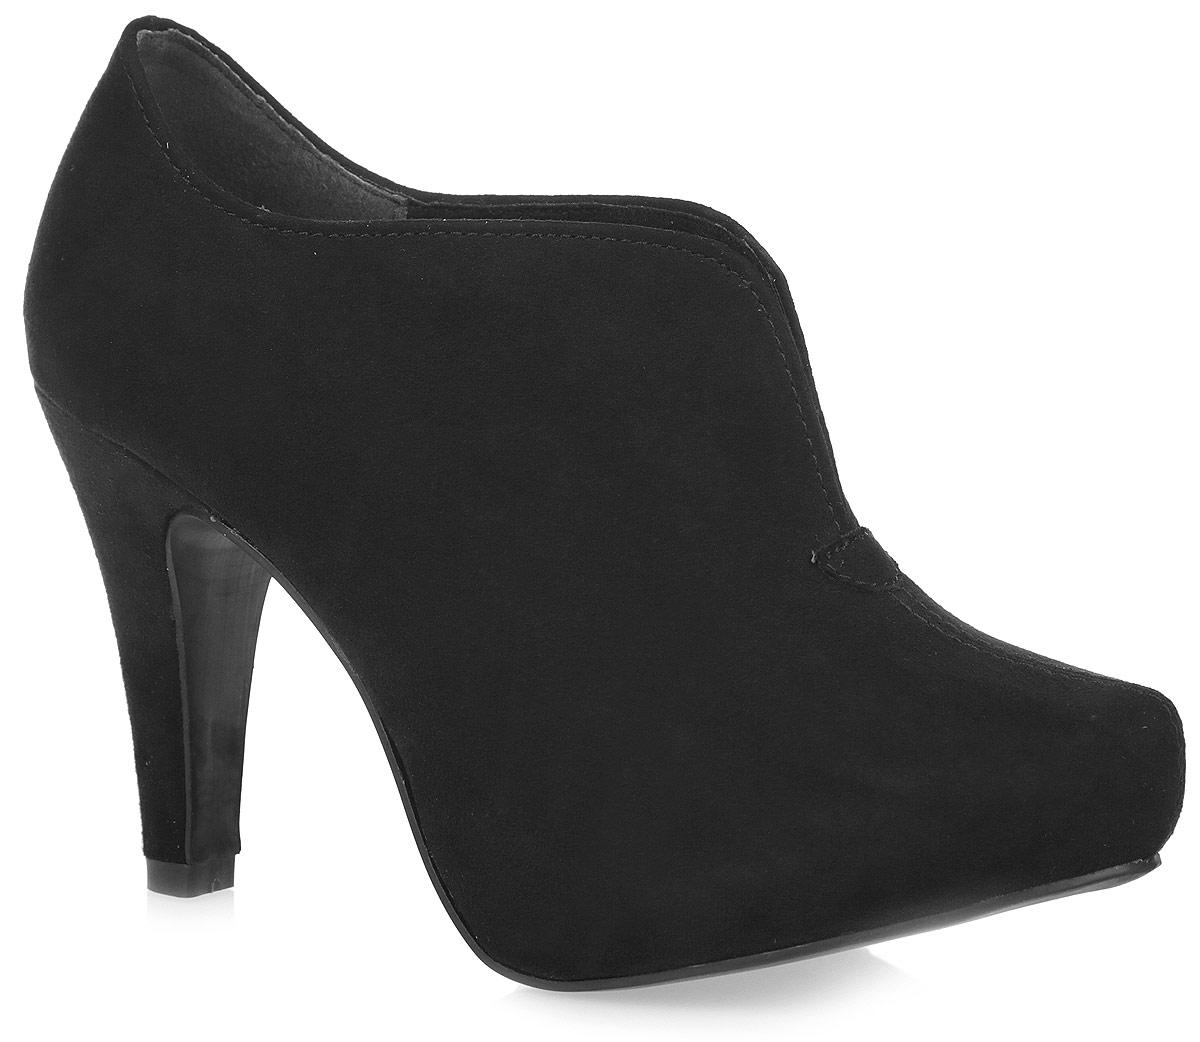 Ботильоны женские. 2-2-24402-25-0012-2-24402-25-001Стильные женские ботильоны от Marco Tozzi заинтересуют вас своим дизайном с первого взгляда! Модель выполнена из искусственной замши. Подкладка - из текстиля, а стелька - из искусственной кожи, обеспечат комфорт и уют ногам. Зауженный носок добавит женственности в ваш образ. Разрез в области подъема компенсирует отсутствие застежек. Каблук устойчив. Подошва из резины с рельефным протектором обеспечивает отличное сцепление на любой поверхности. В этих ботильонах вашим ногам будет комфортно и уютно. Они подчеркнут ваш стиль и индивидуальность.